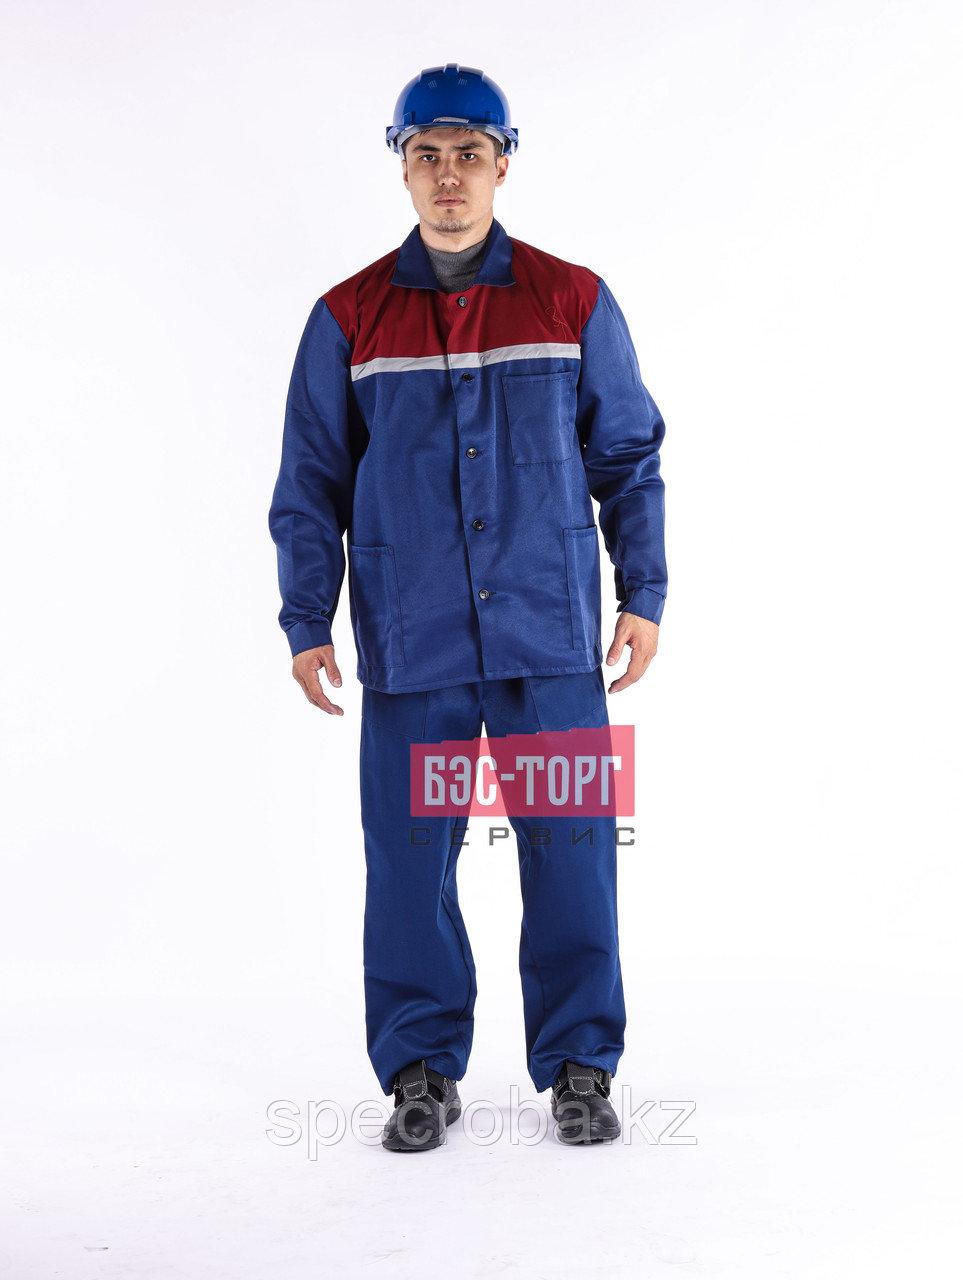 Костюм РАБОТНИК куртка + брюки - фото 6